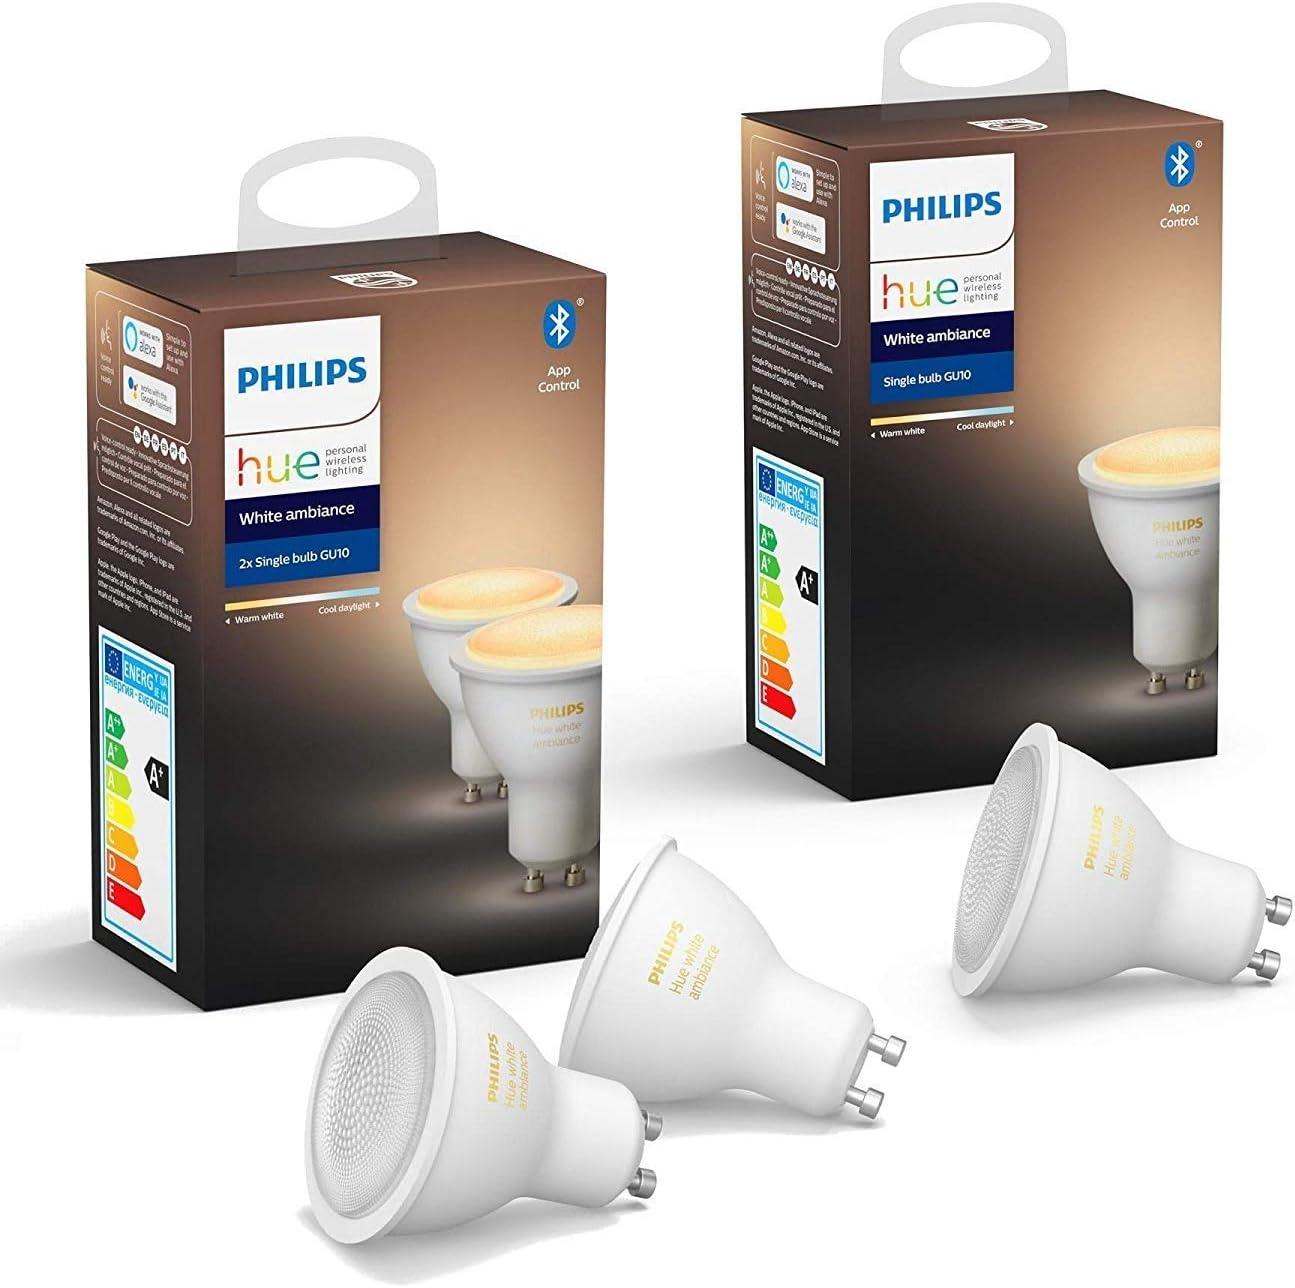 Philips Hue 3 Ampoules LED Connectées White Ambiance GU10 Compatible Bluetooth, Compatible...